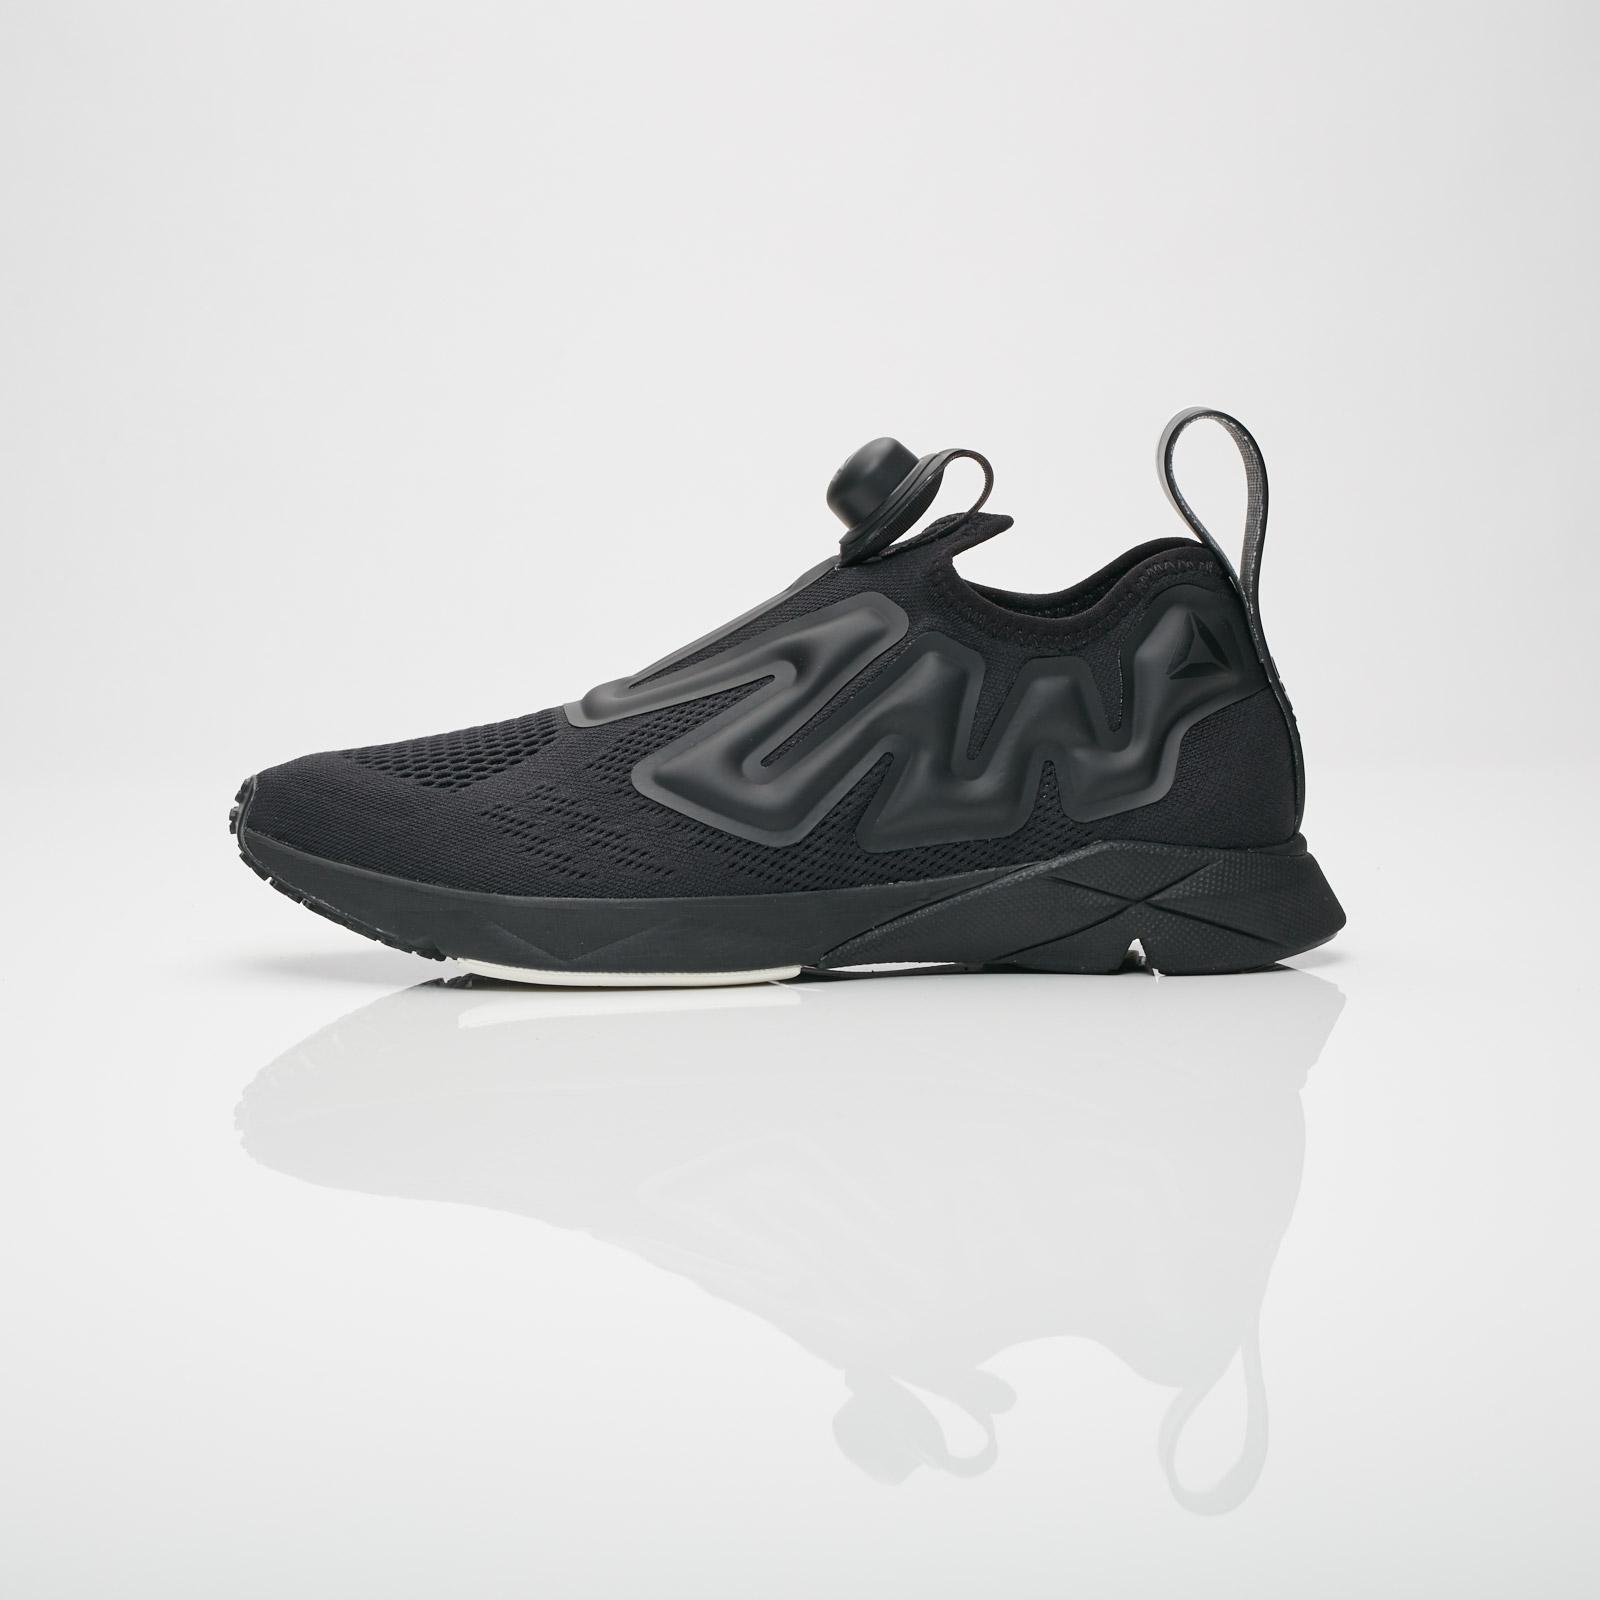 huge selection of cbdc8 bc918 Reebok Pump Supreme Engine - Cn2189 - Sneakersnstuff   sneakers    streetwear online since 1999